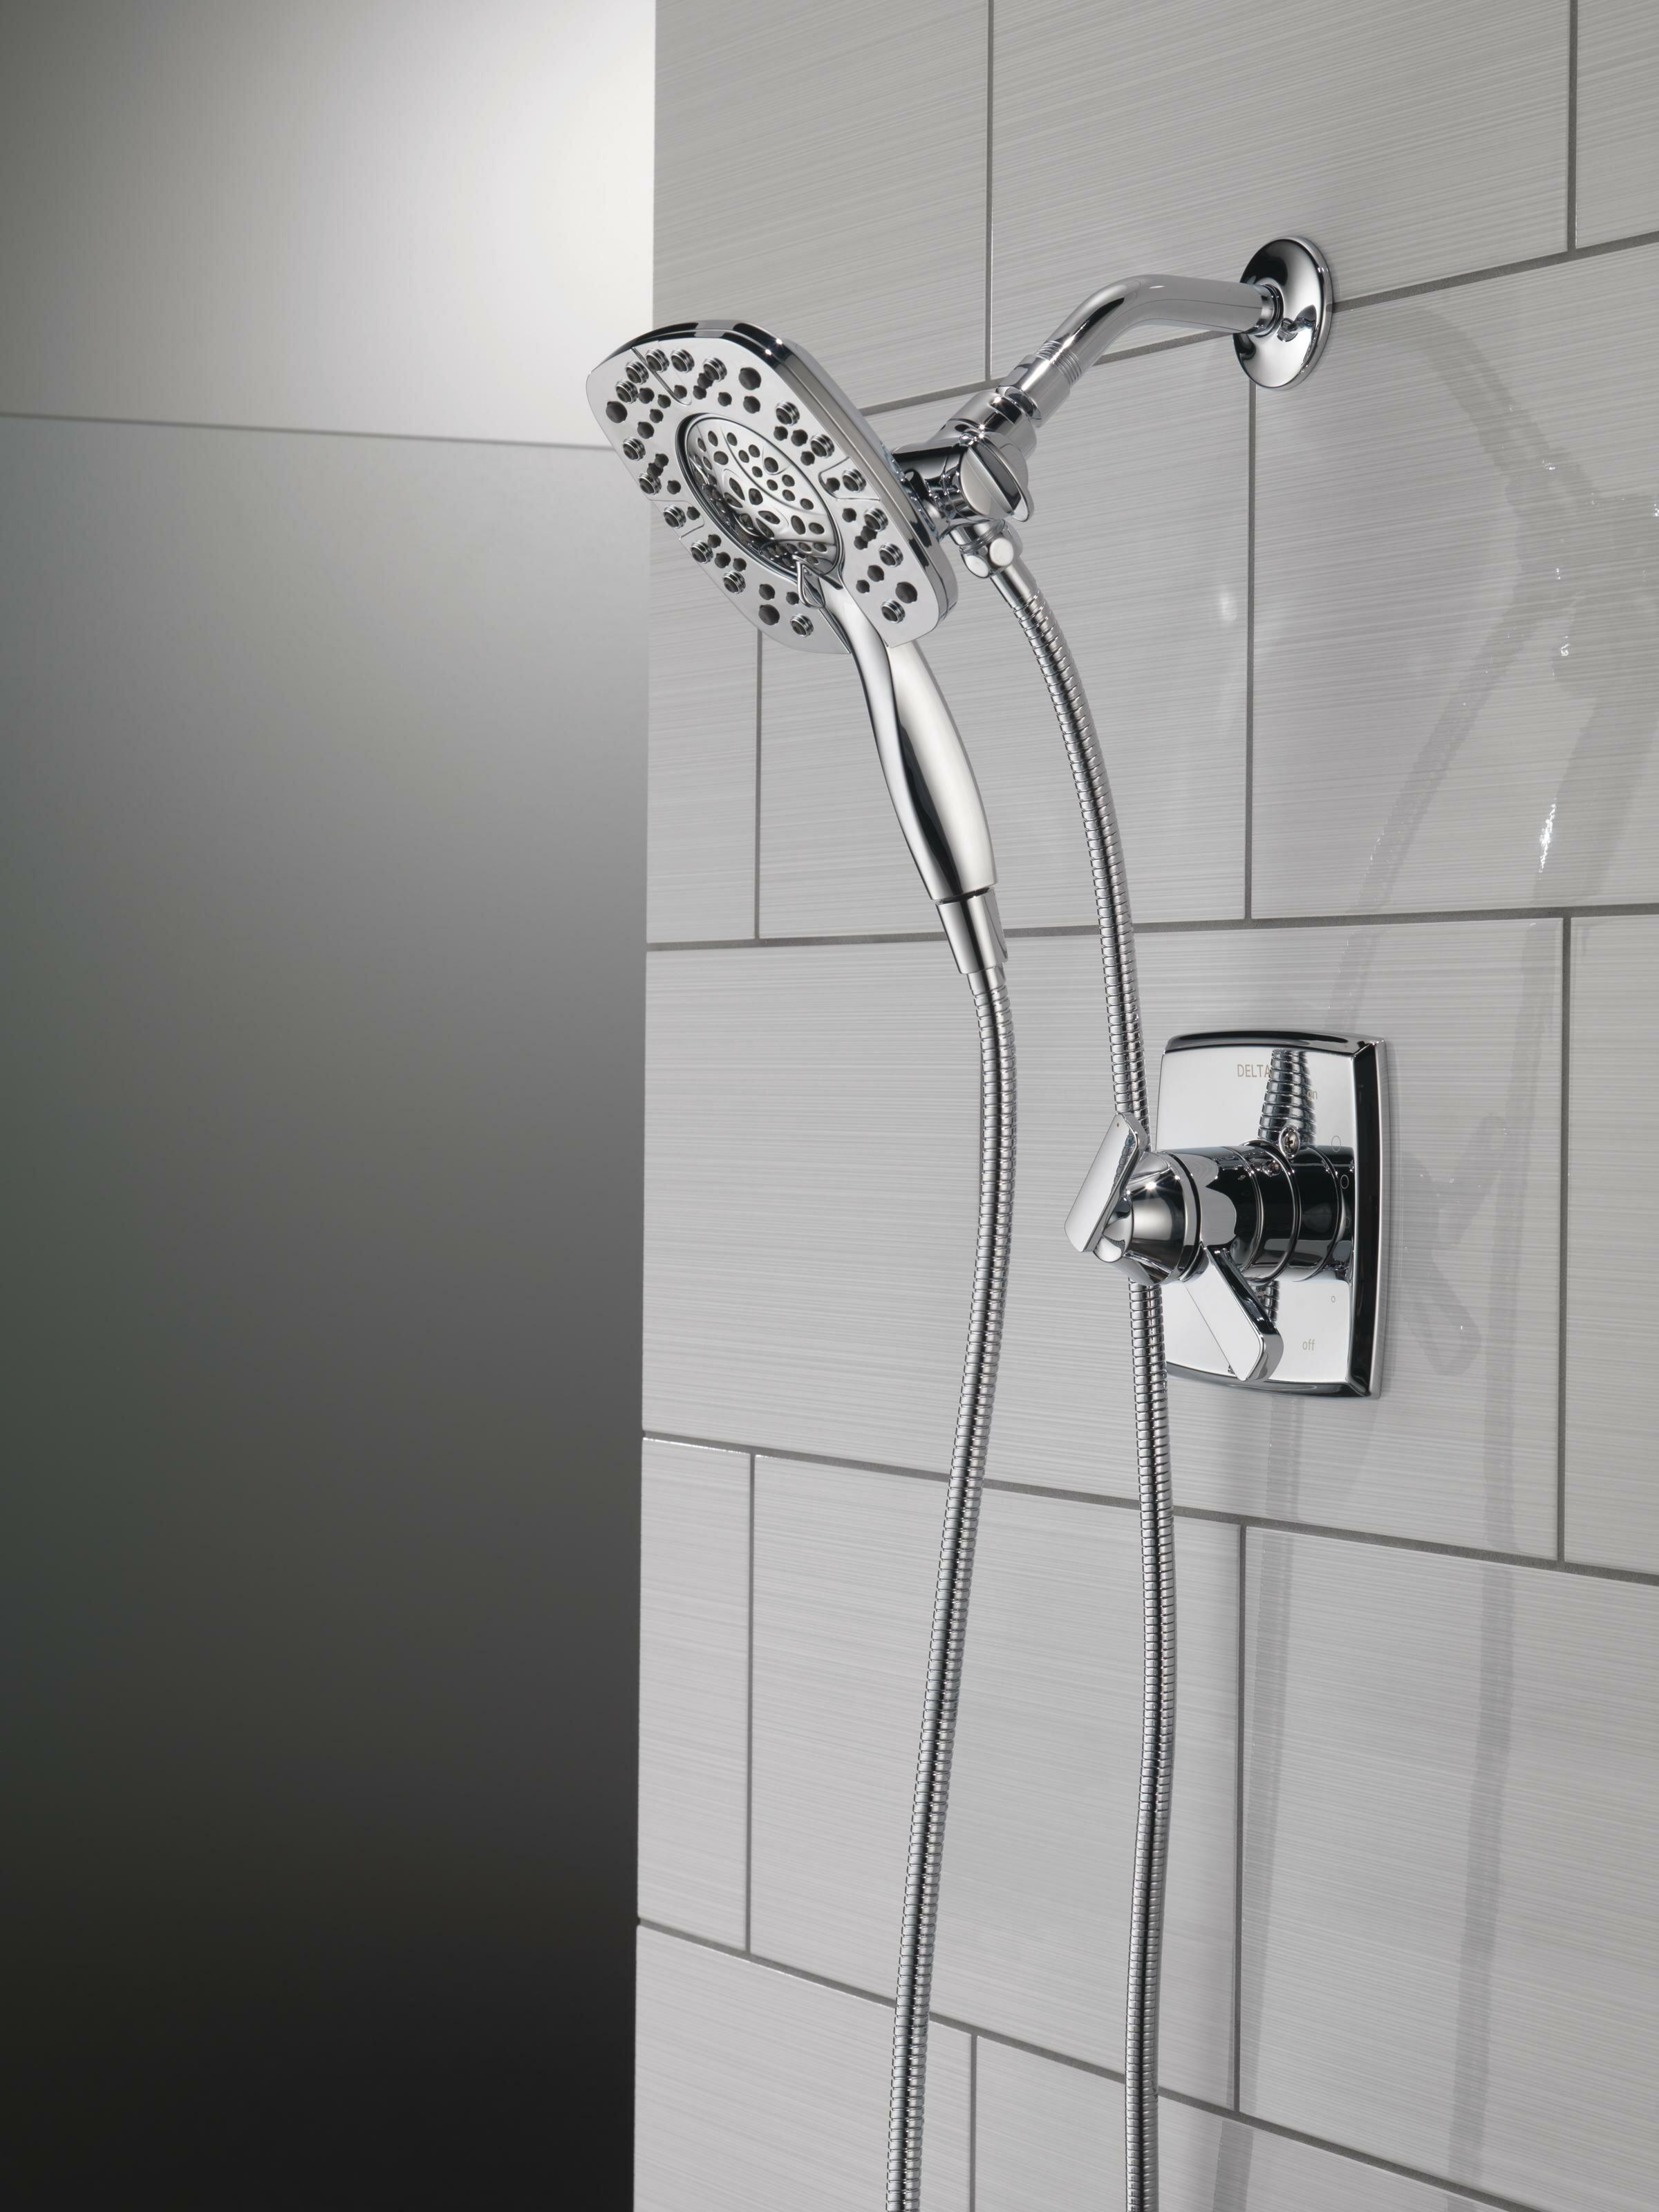 T17264 Ss I Rb I I Delta Ashlyn Pressure Balance And Temperature Control Shower Faucet Reviews Wayfair